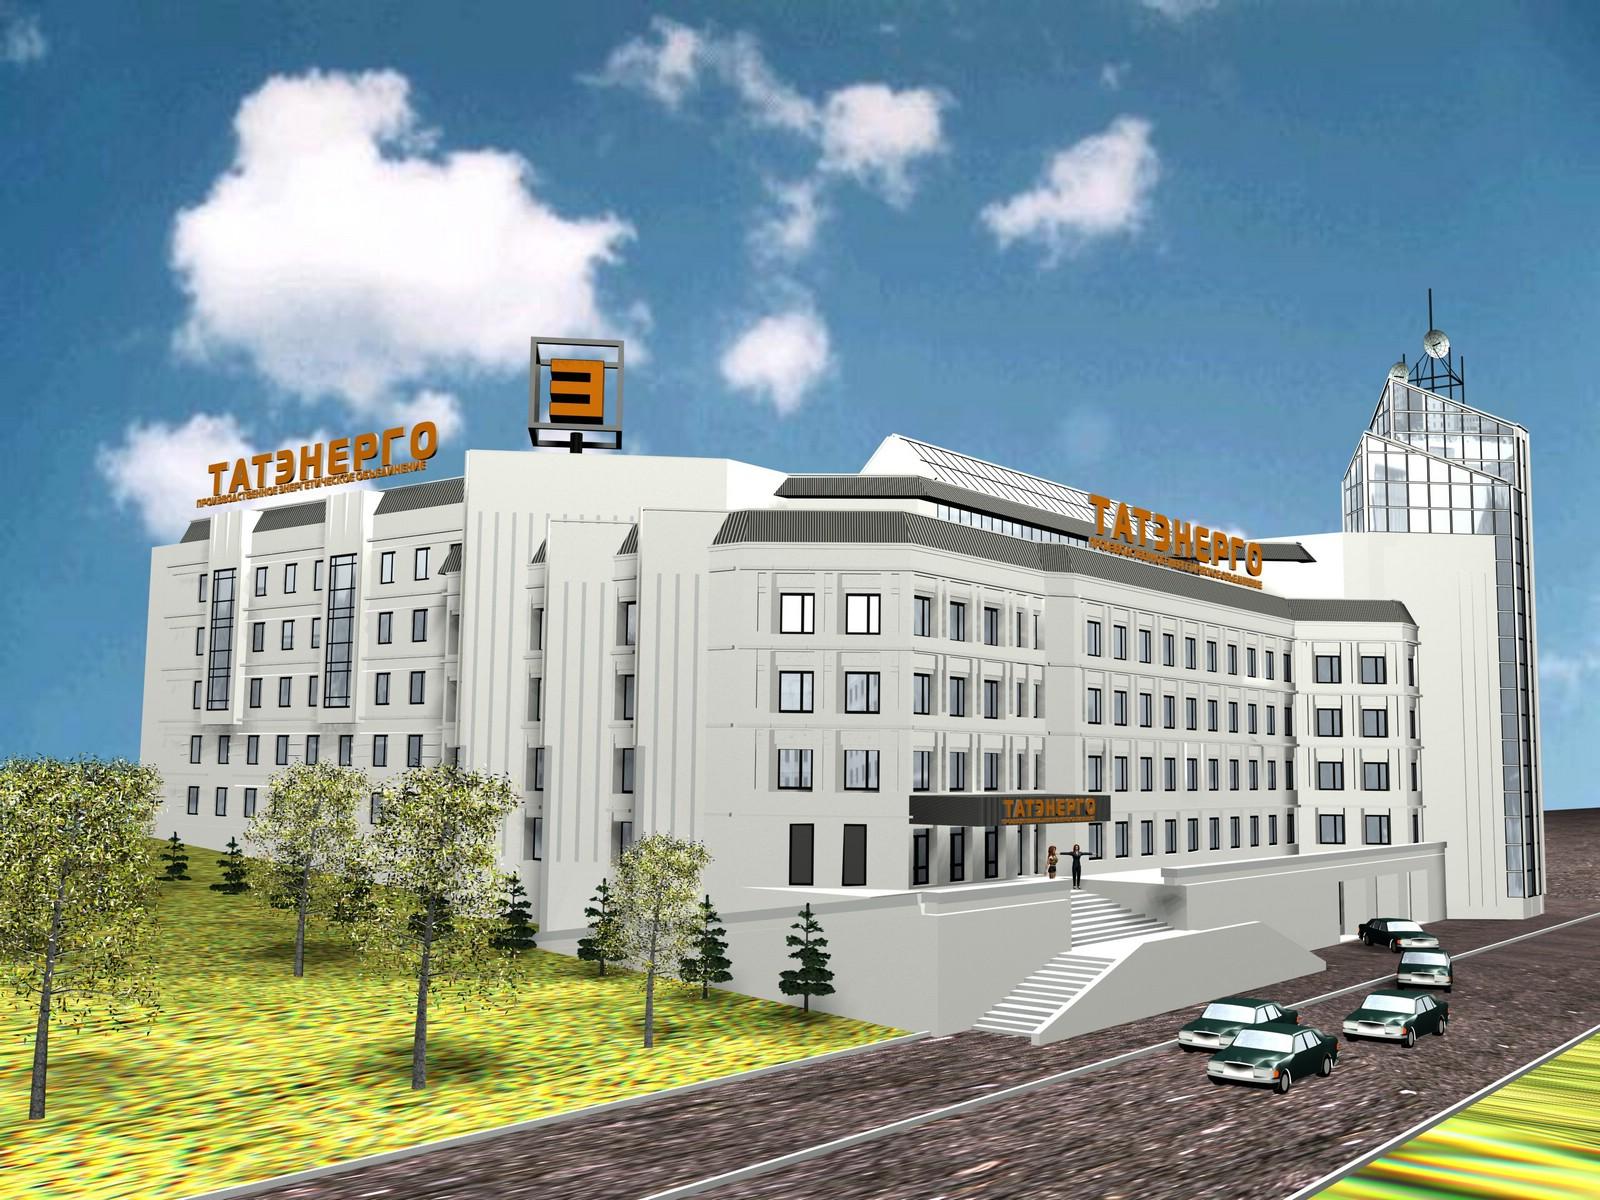 Официальный сайт оао генерирующая компания выбор строительная компания официальный сайт